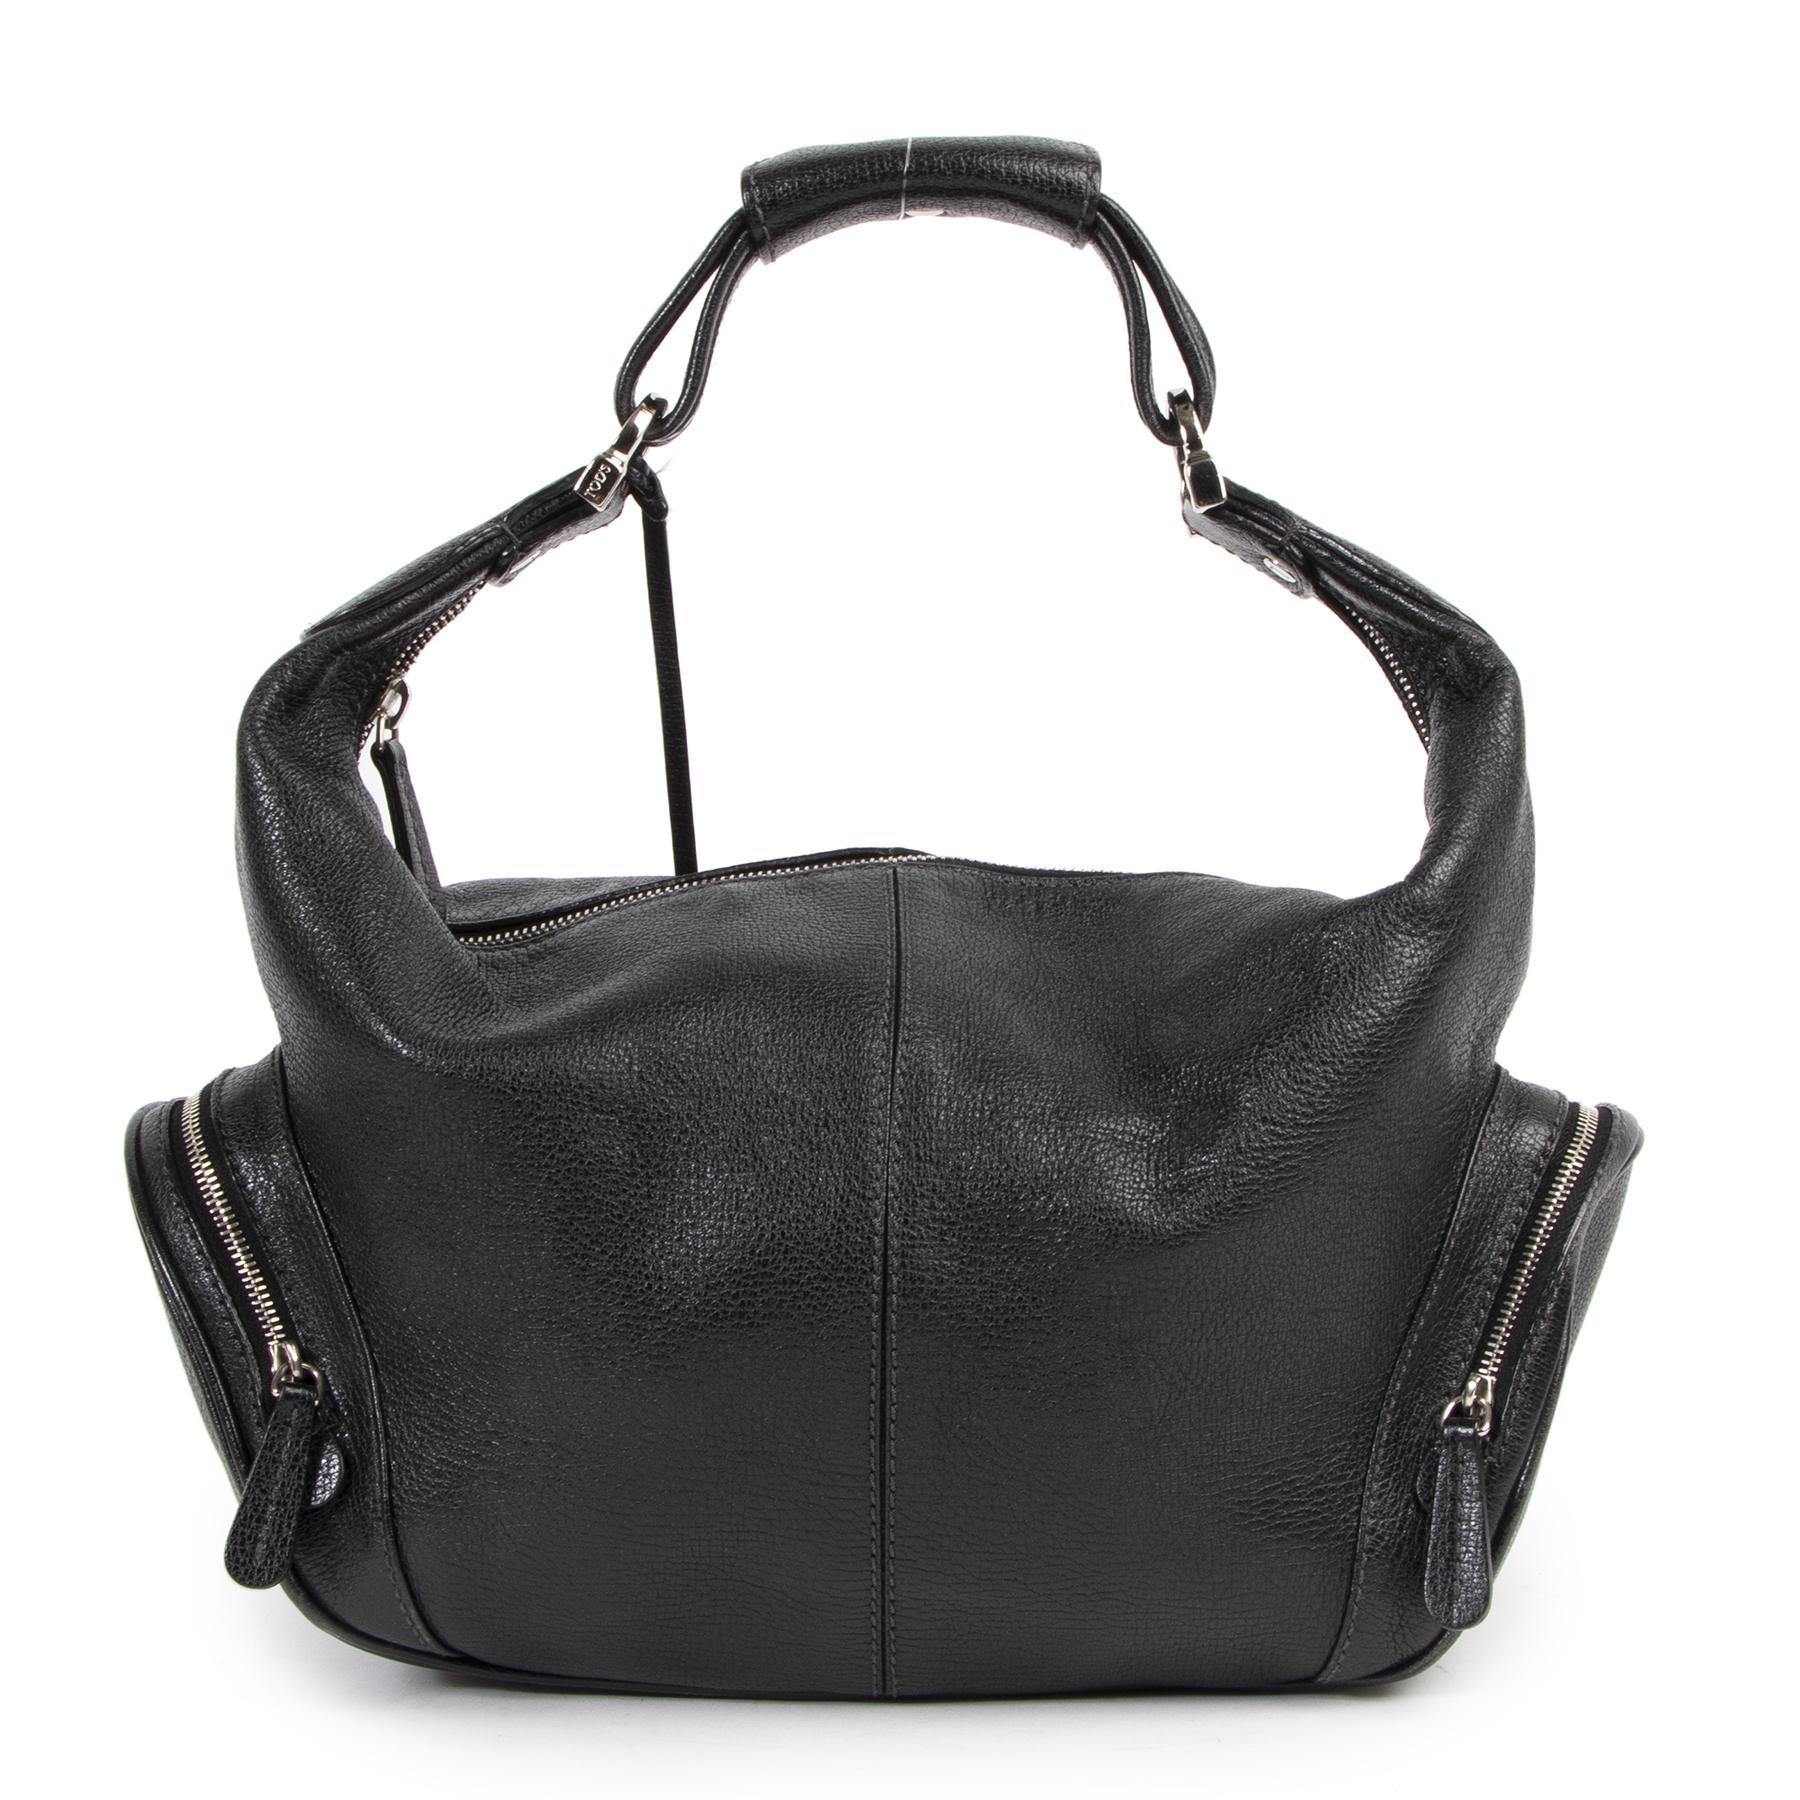 Authentieke Tweedehands Tods Black Leather Zip Shoulder Bag juiste prijs veilig online shoppen luxe merken webshop winkelen Antwerpen België mode fashion